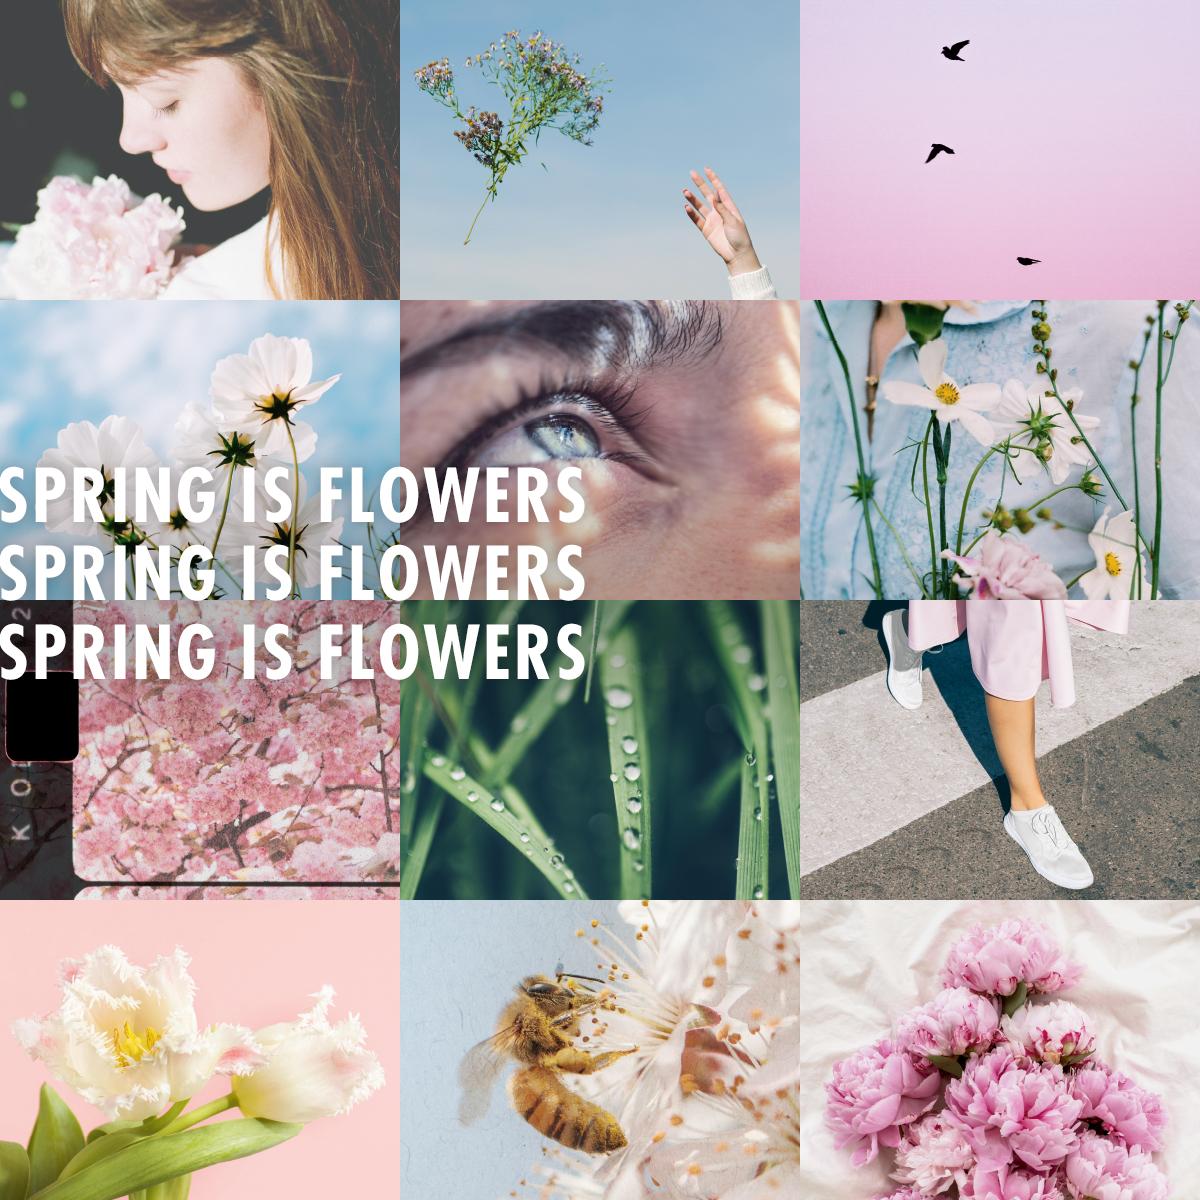 Spring is flowers - Funnyhowflowersdothat